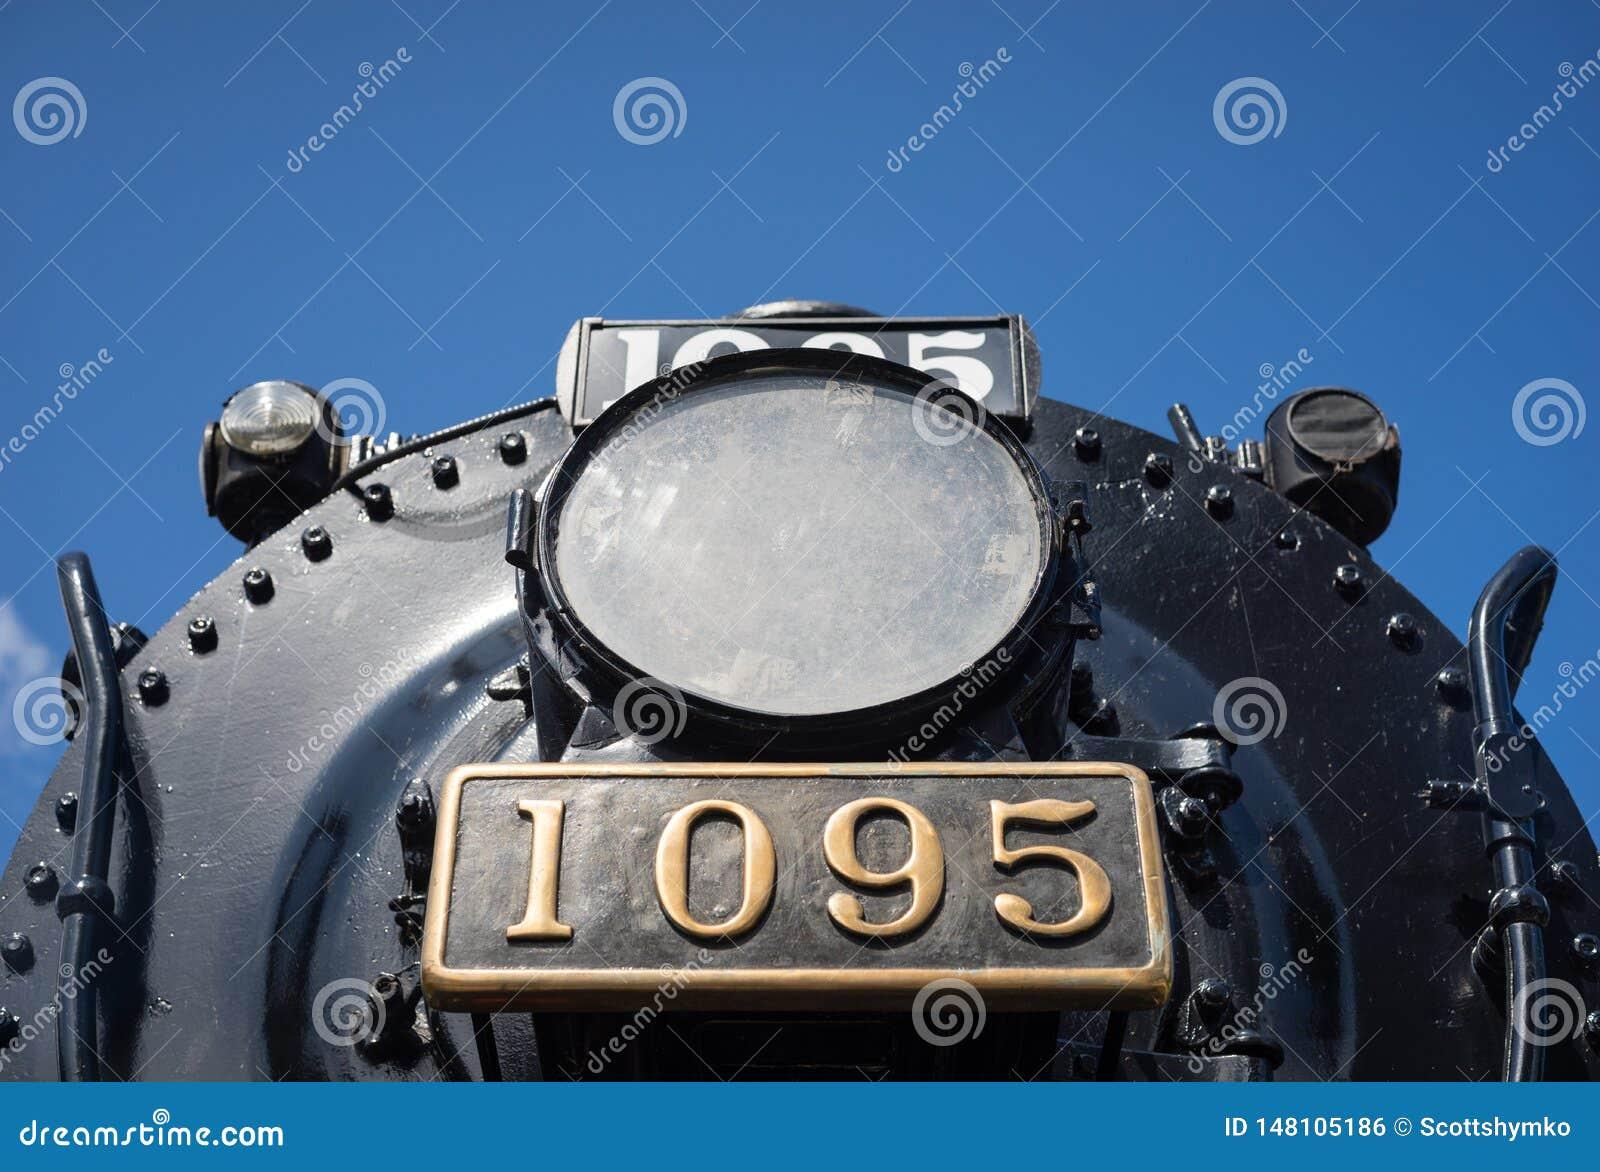 La lámpara y el número de matrícula de una locomotora de vapor jubilada